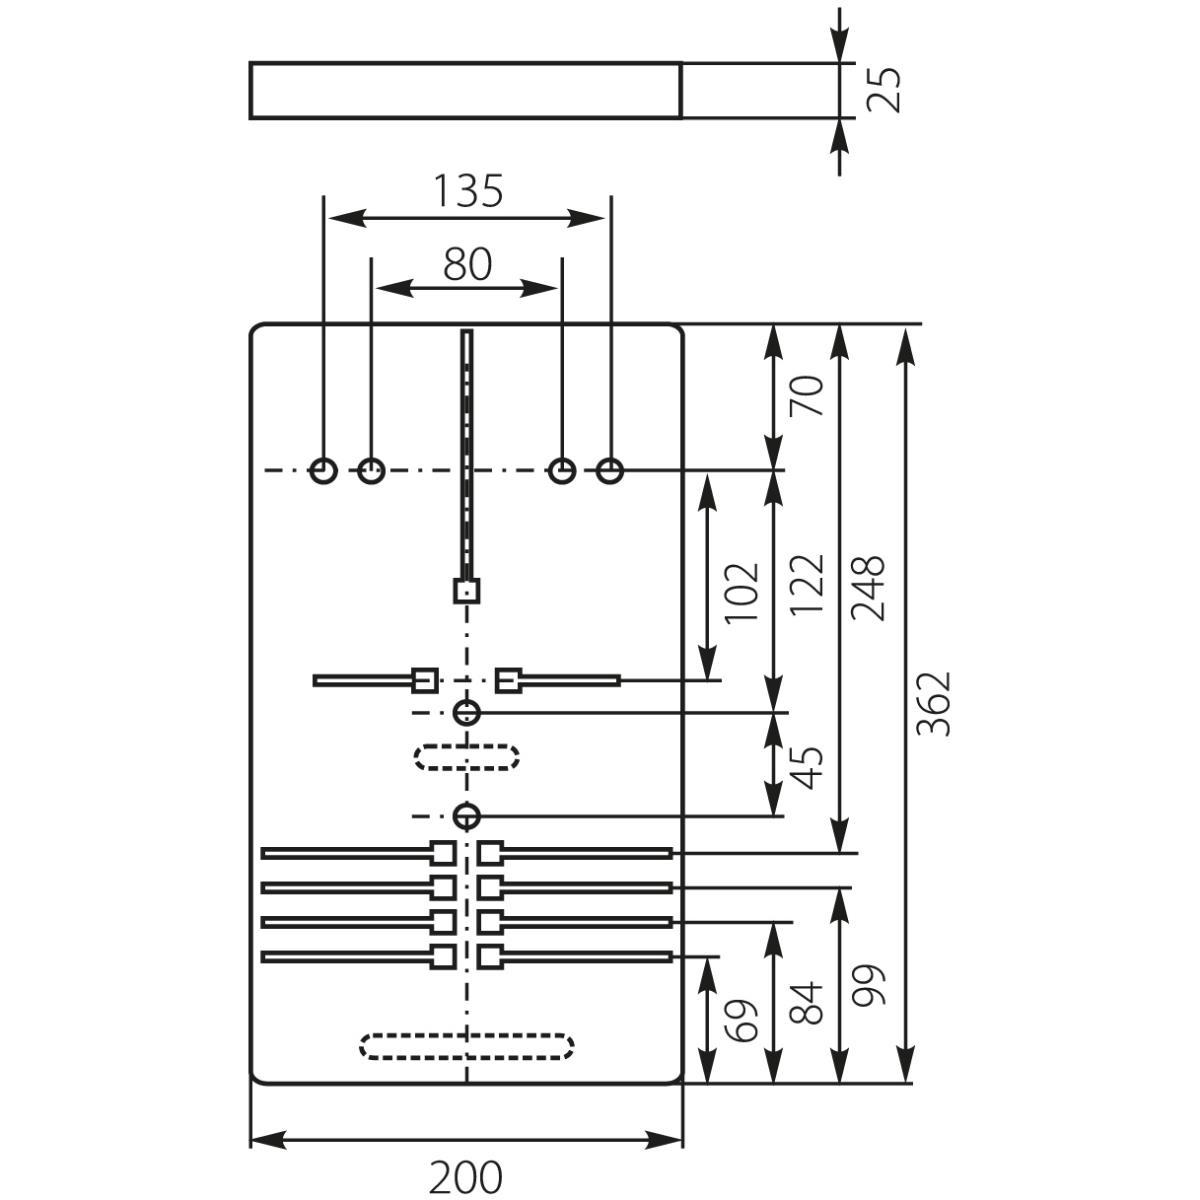 Zählertafel für Stromzähler Schalttafeln Zählerbrett 10.11,ELEKTRO-PLAST,10.11, 5903978376373